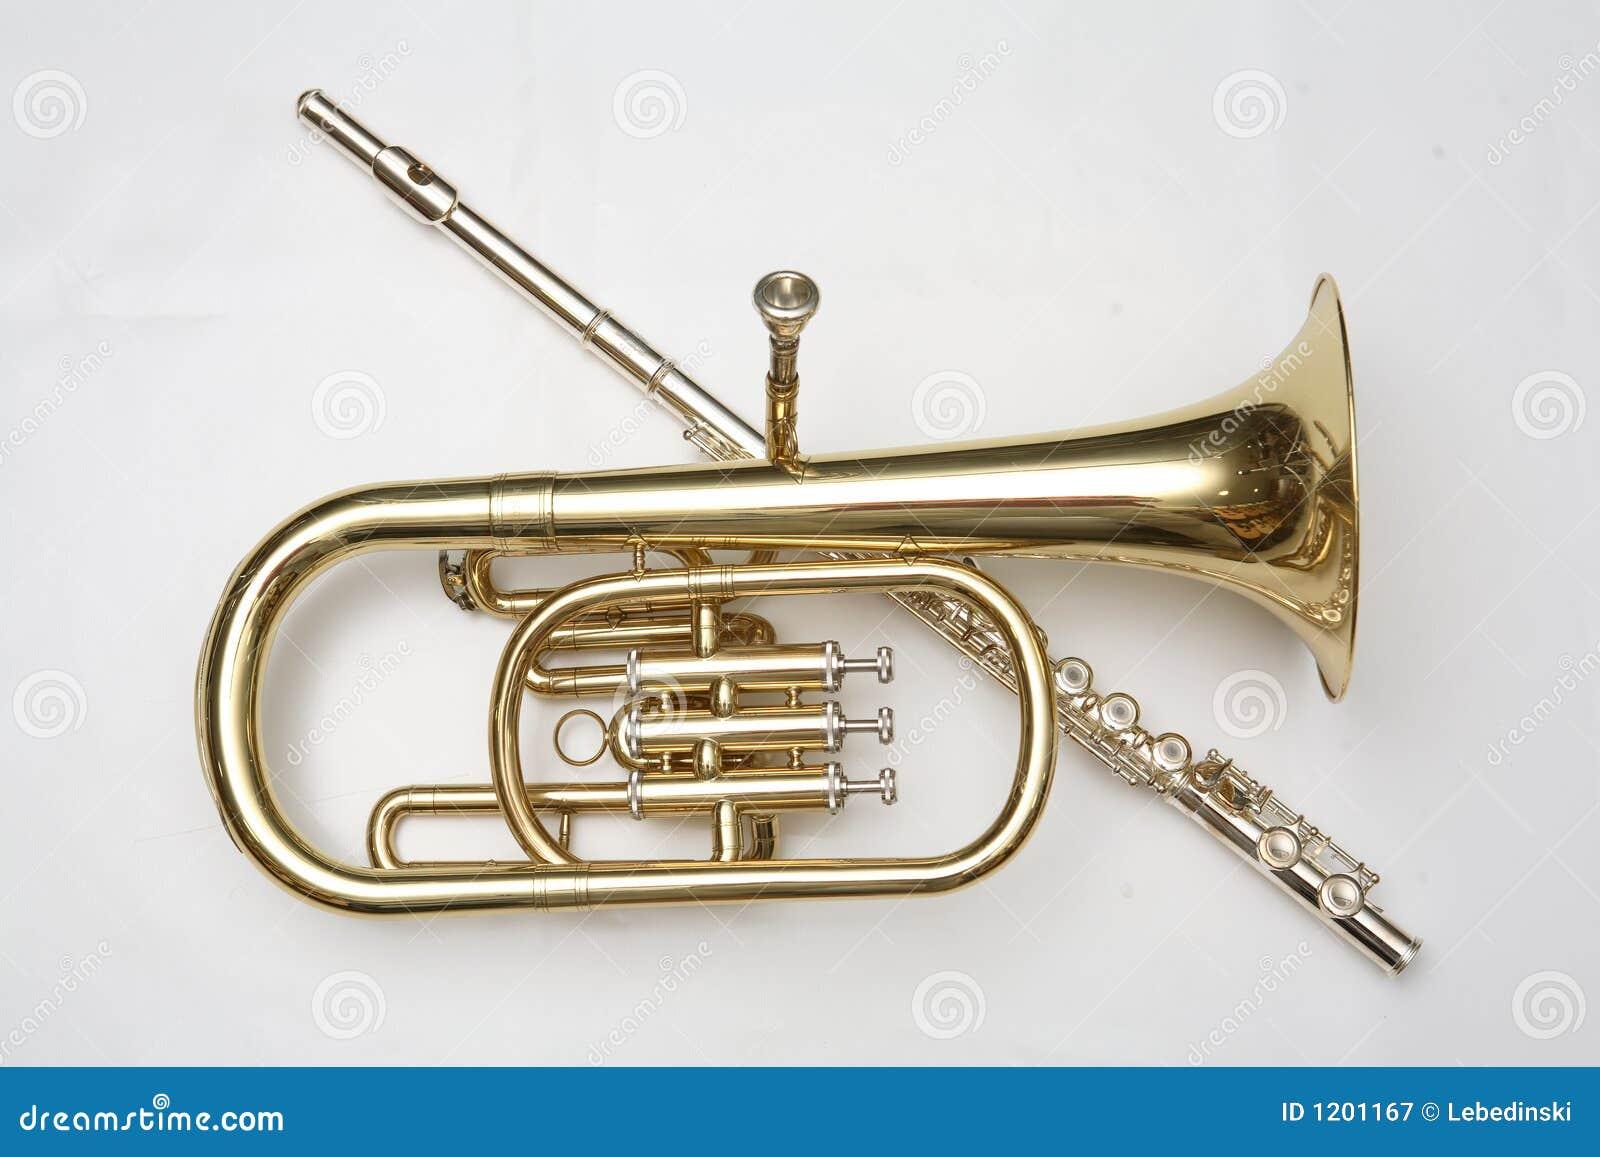 Cornet end flutes